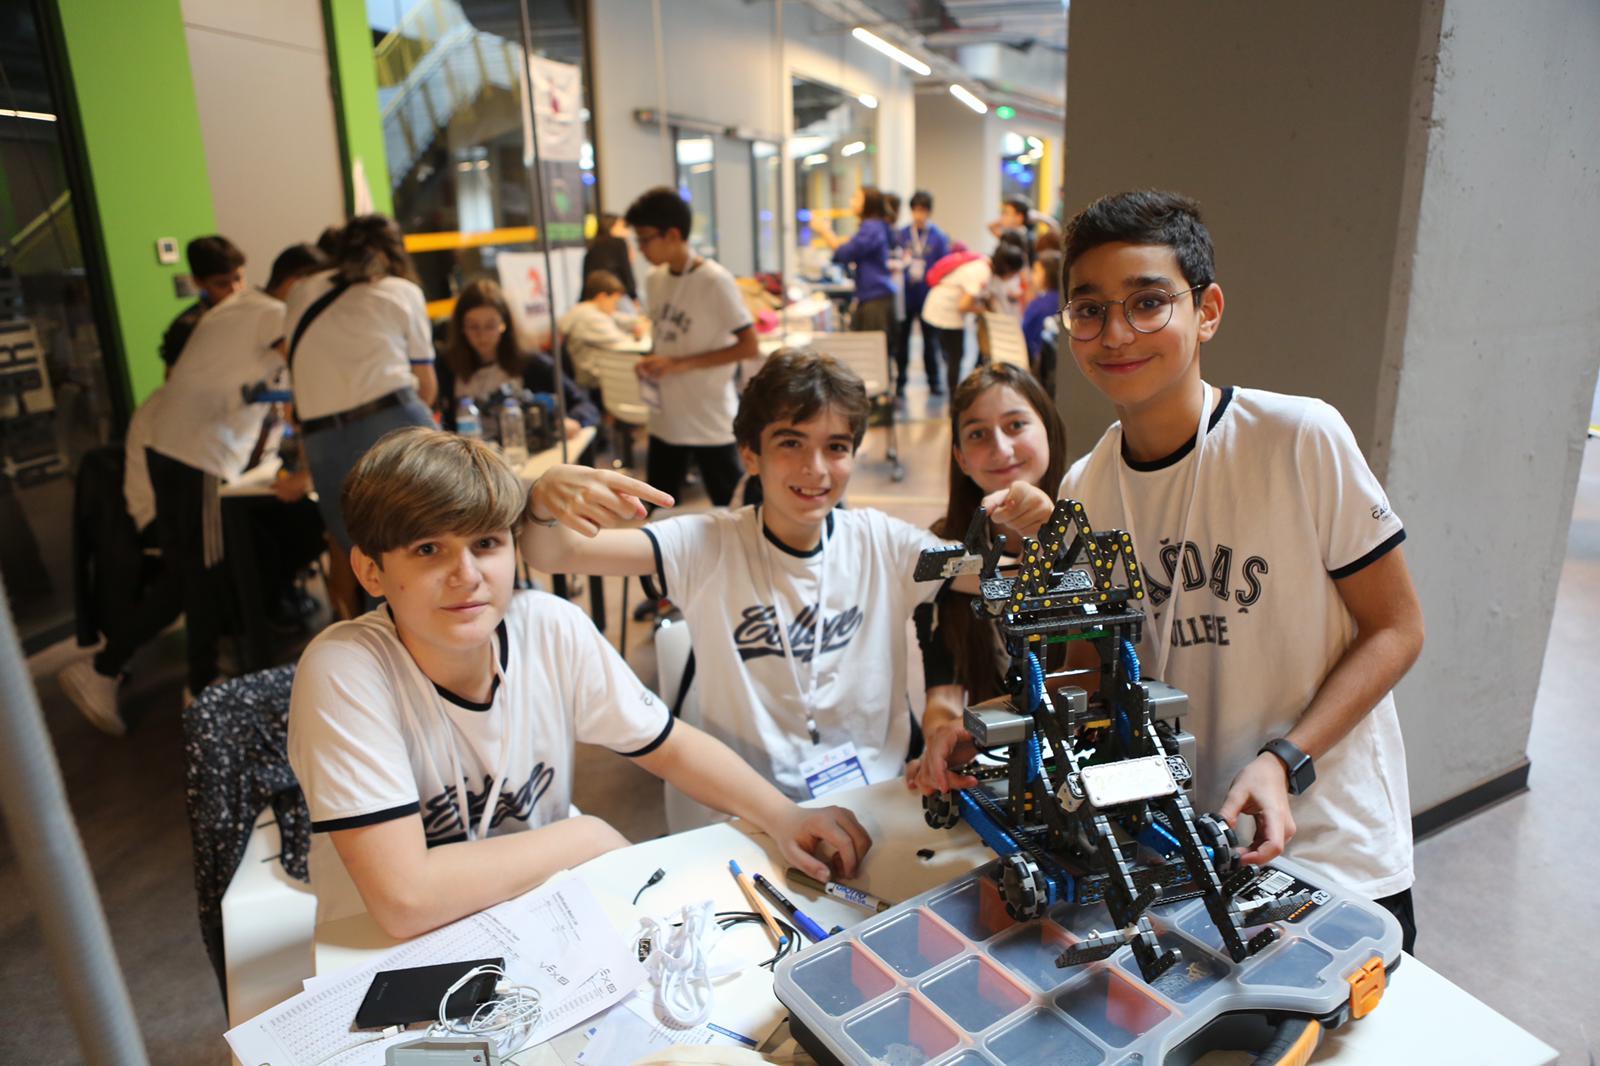 Dünyanın en büyük robotik turnuvası